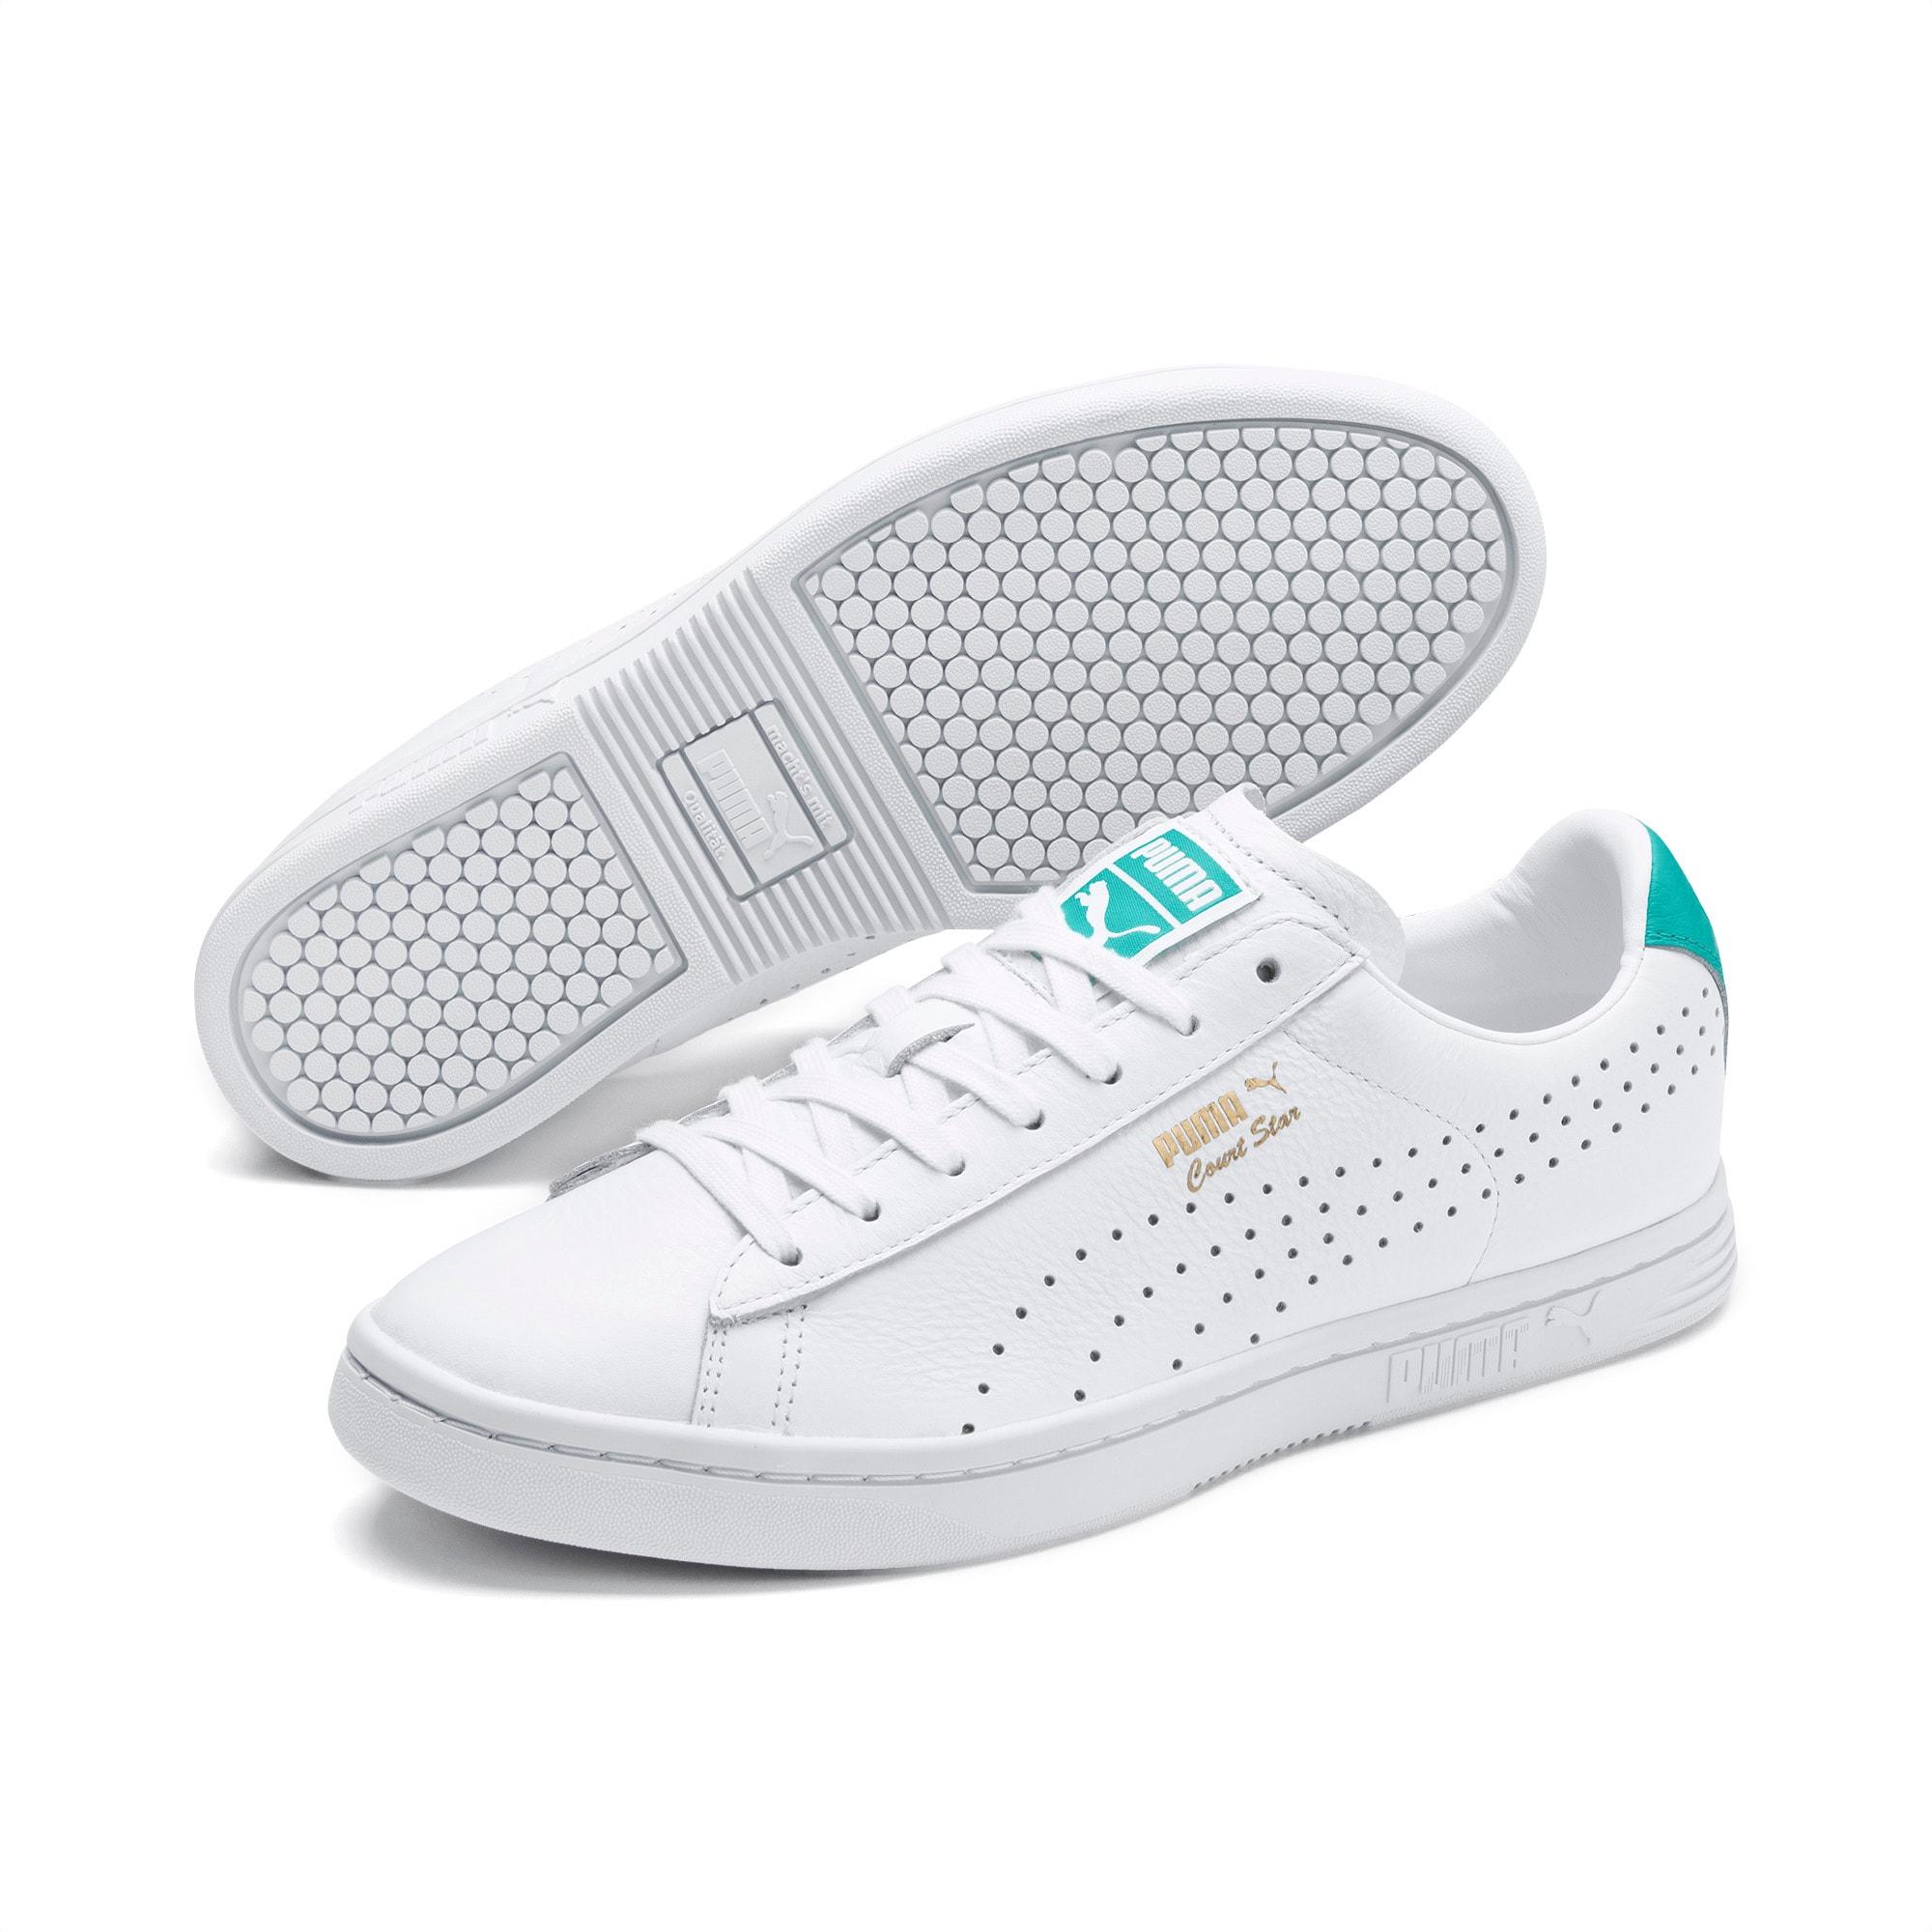 Court Star Men's Sneakers